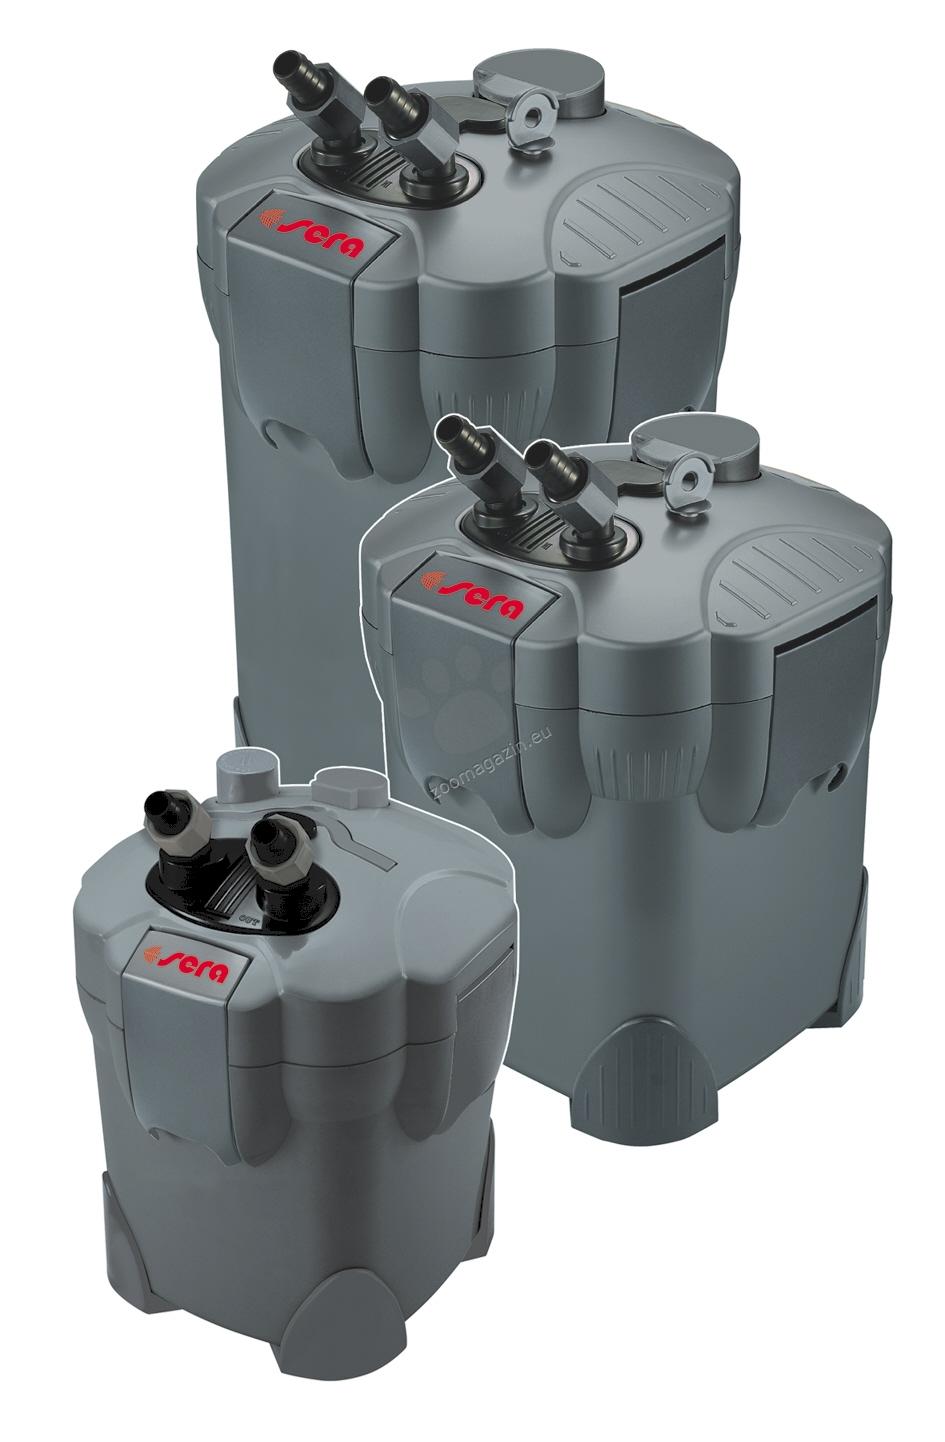 Sera - Fil Bioactive 250 - външен филтър, 750 л/ч. за аквариуми до 250 л.